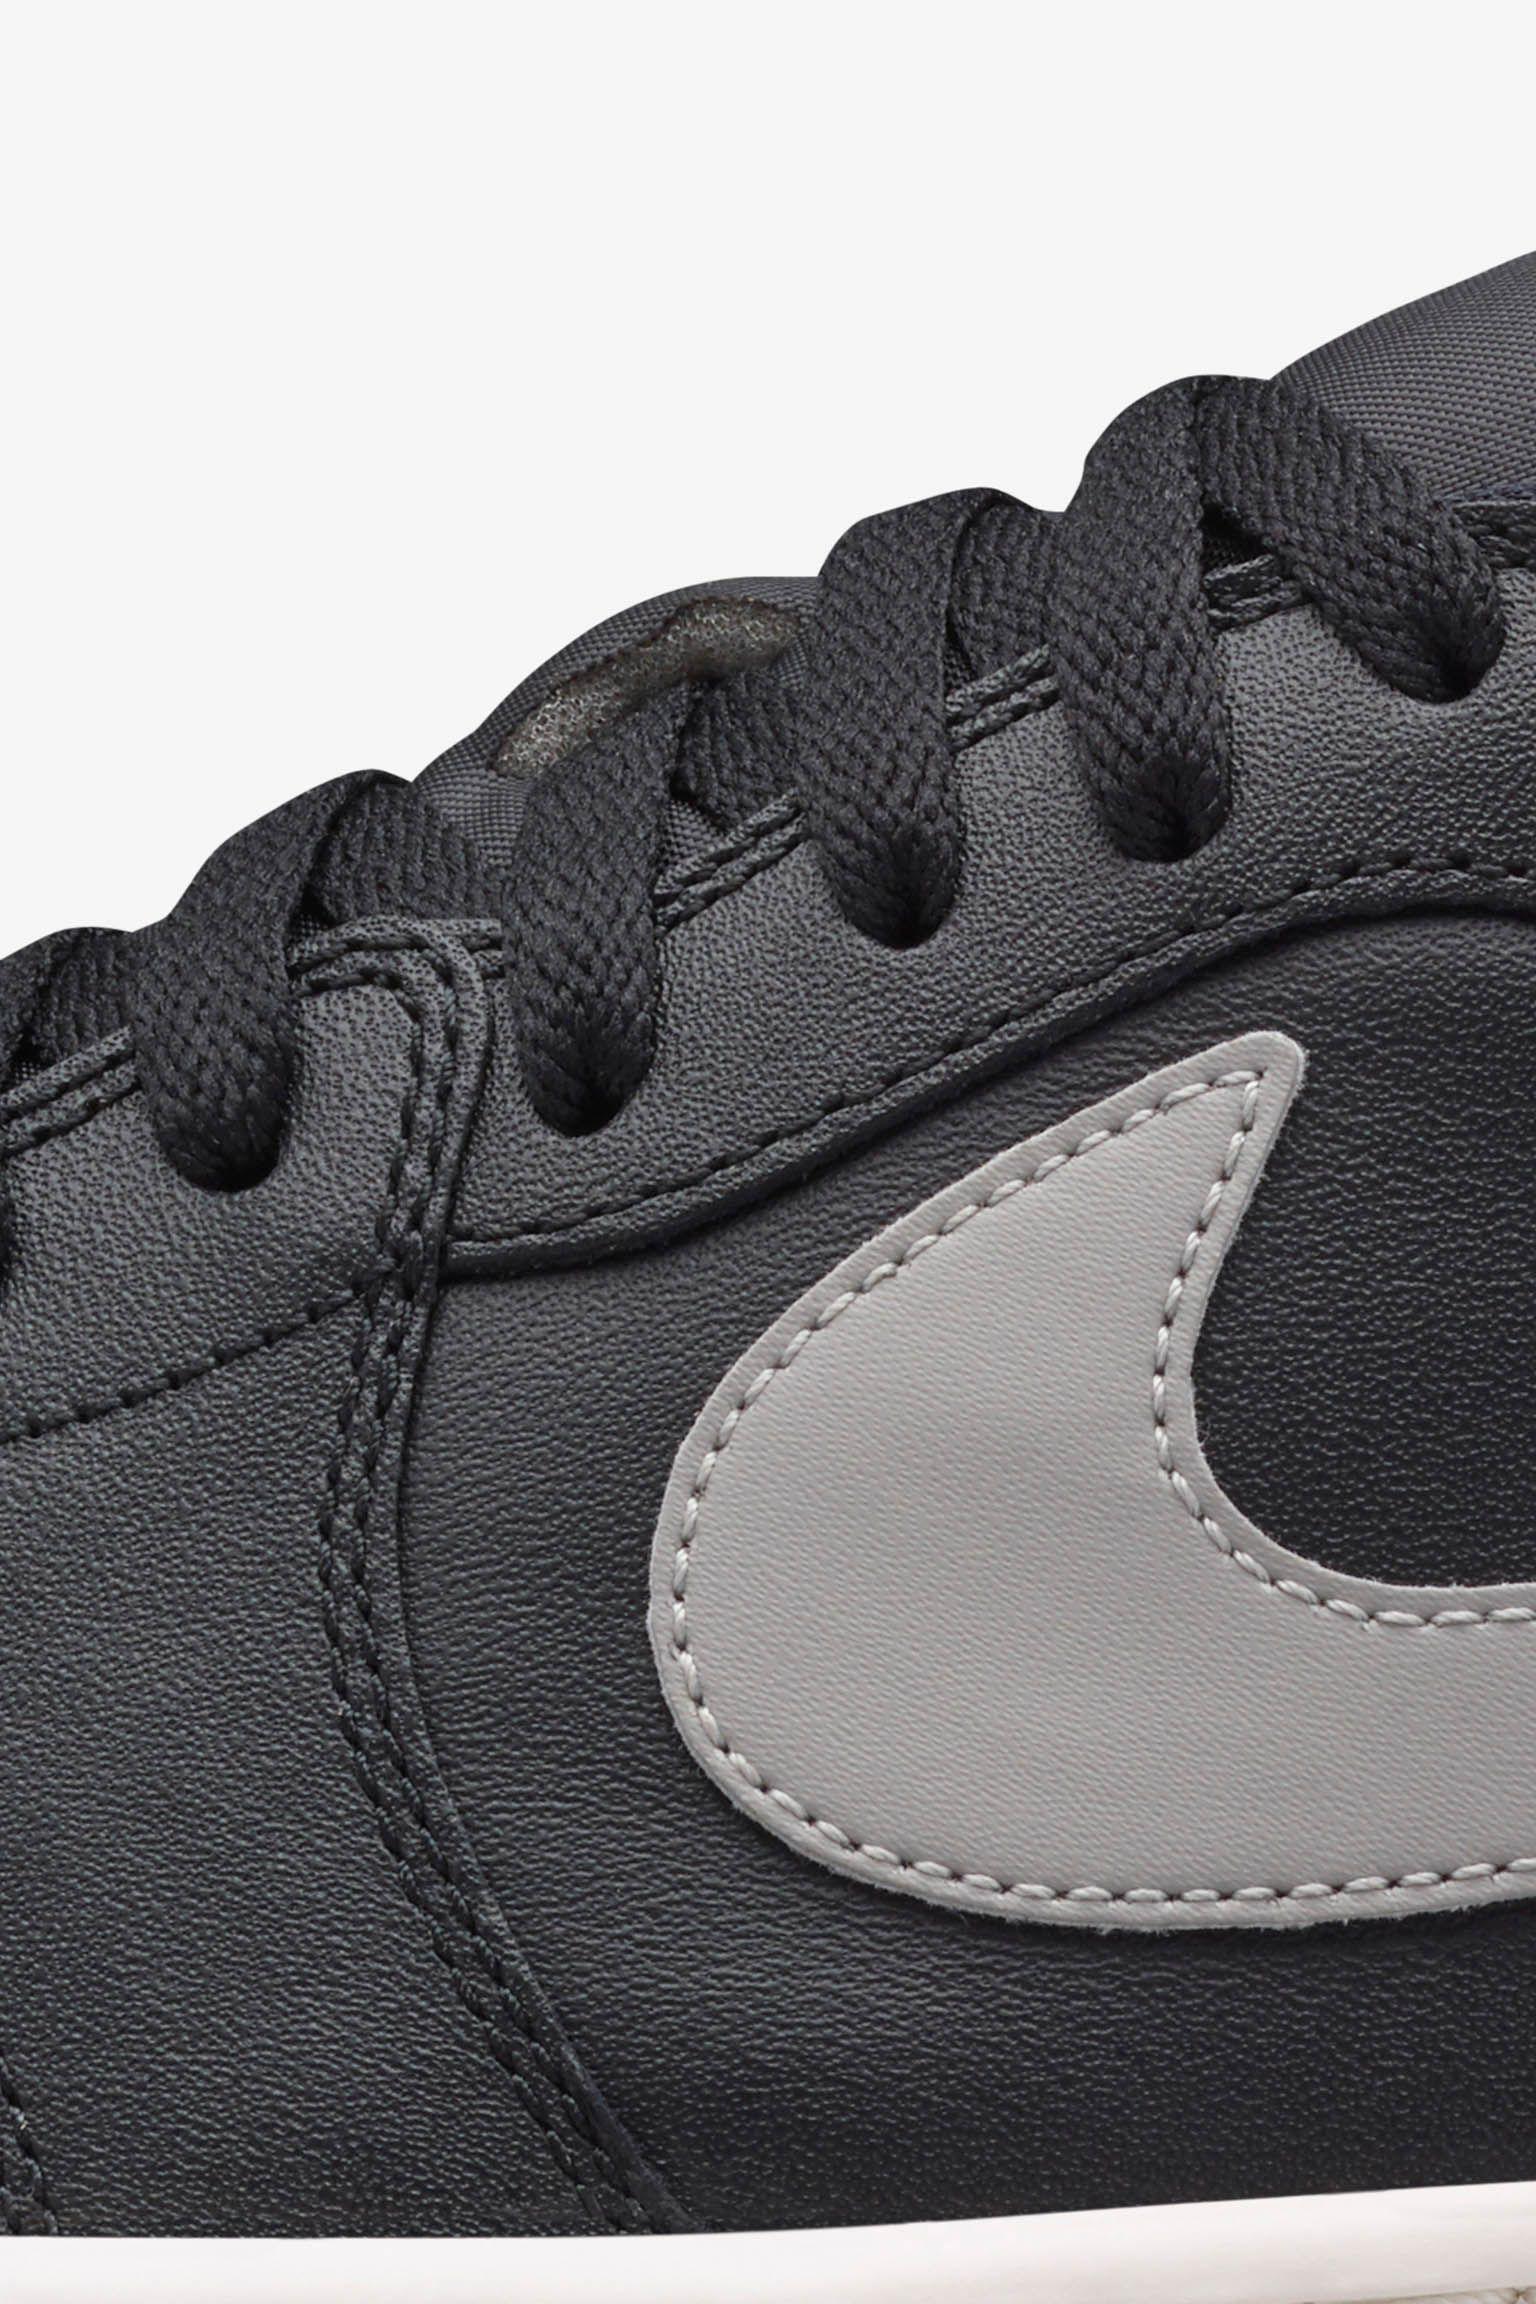 Air Jordan 1 Retro Low 'Medium Grey' Release Date